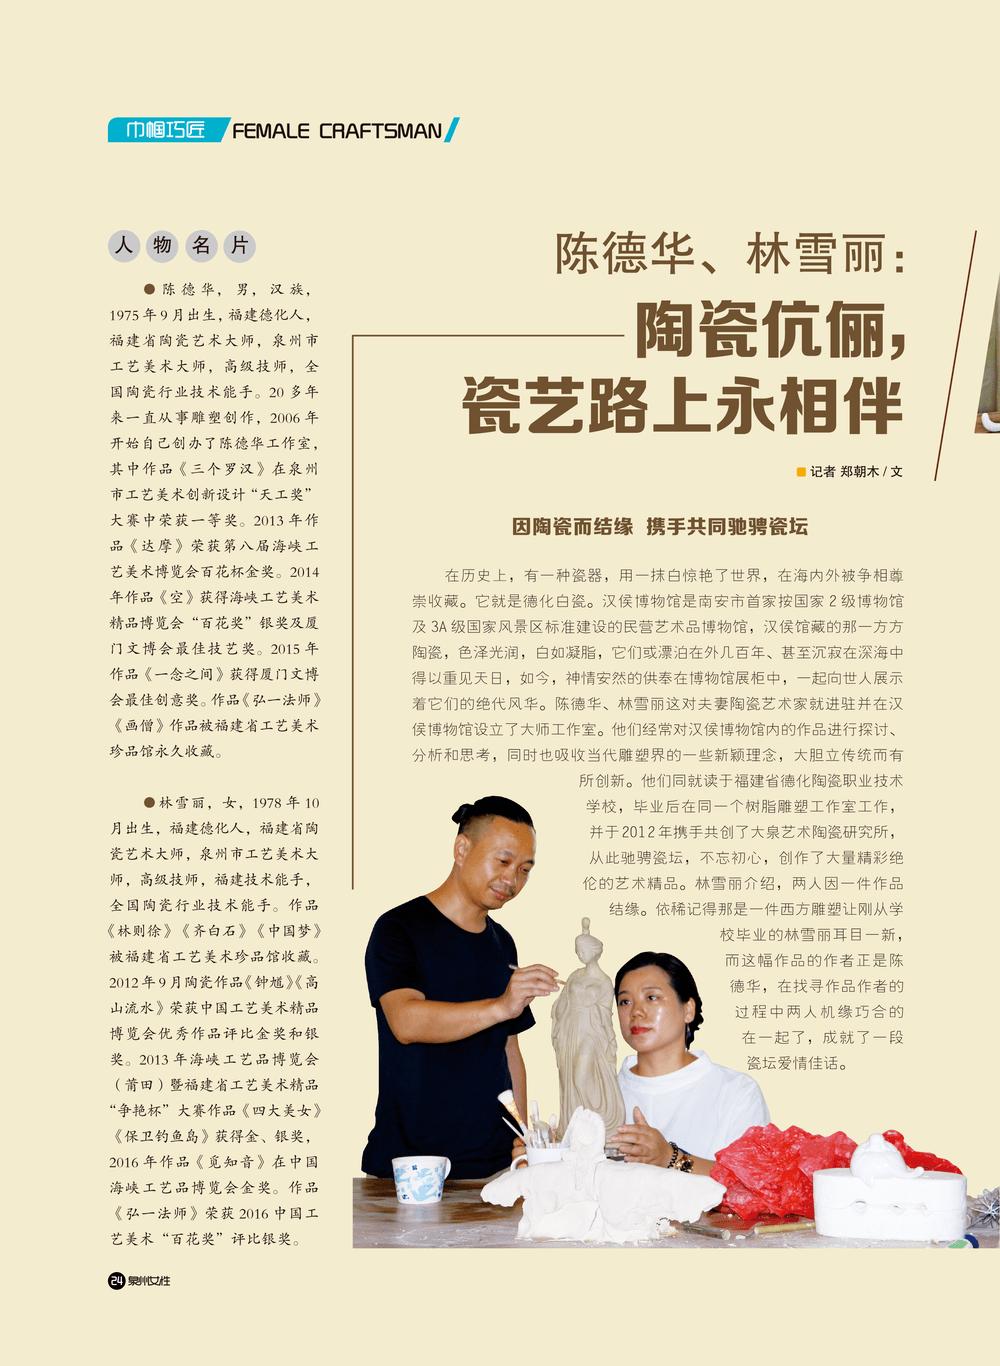 点赞泉州女性 巾帼巧匠:陈德华、林雪丽——陶瓷伉俪,瓷艺路上永相伴